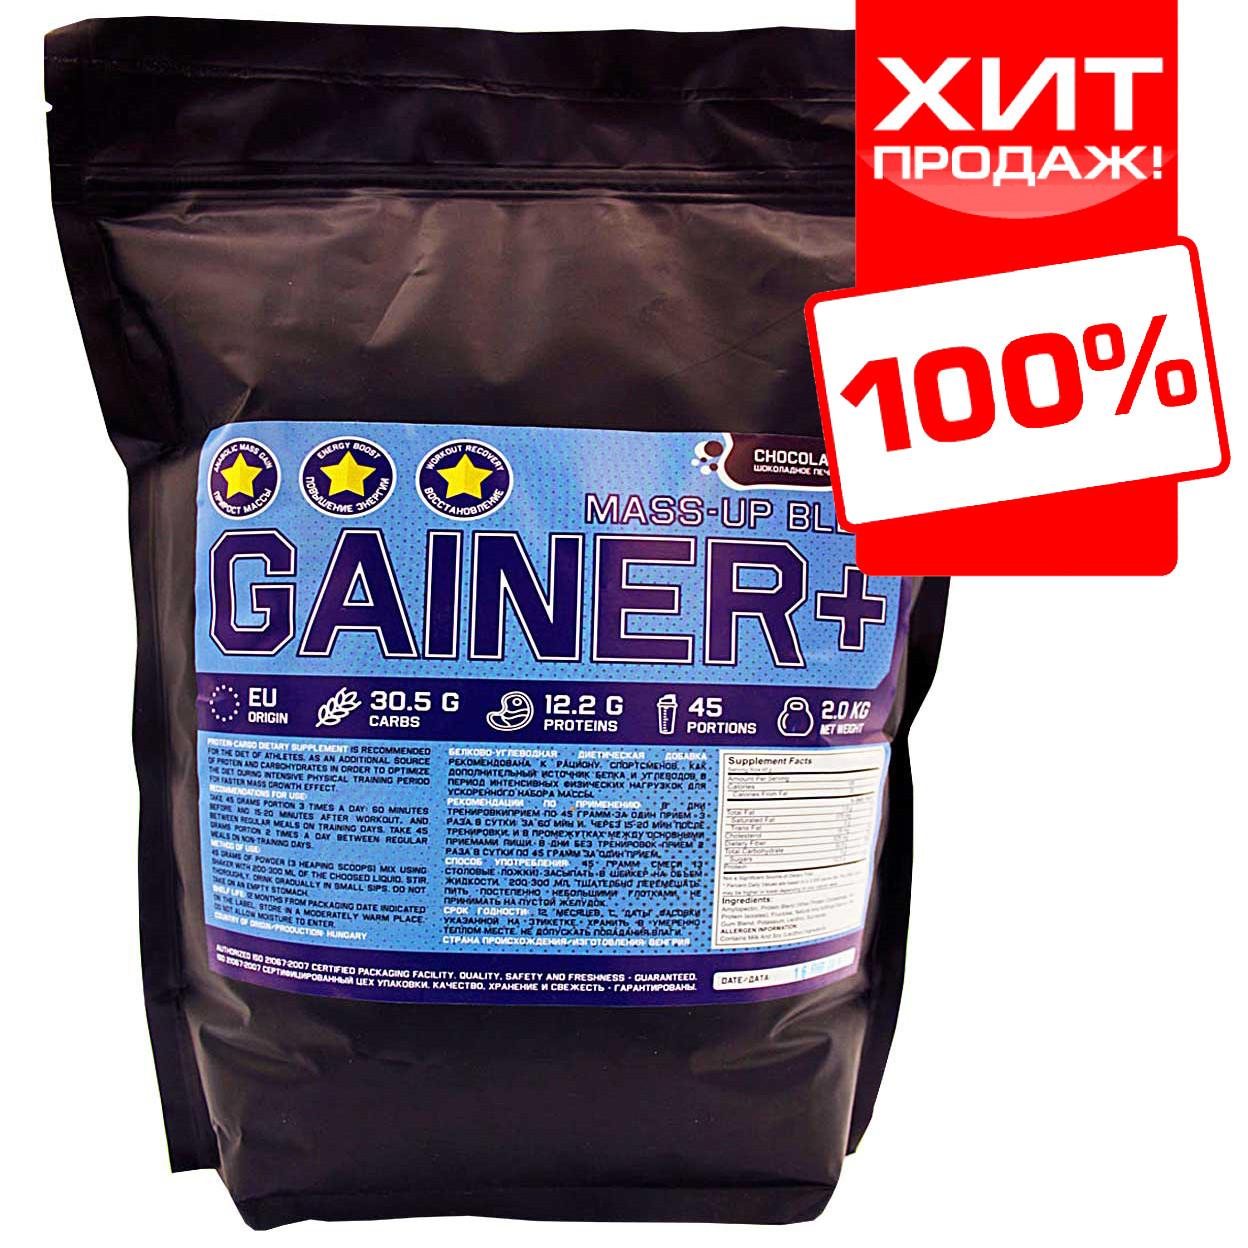 Гейнер для набора массы и веса GAINER 67% шоколадное печенье 2 кг. на развес